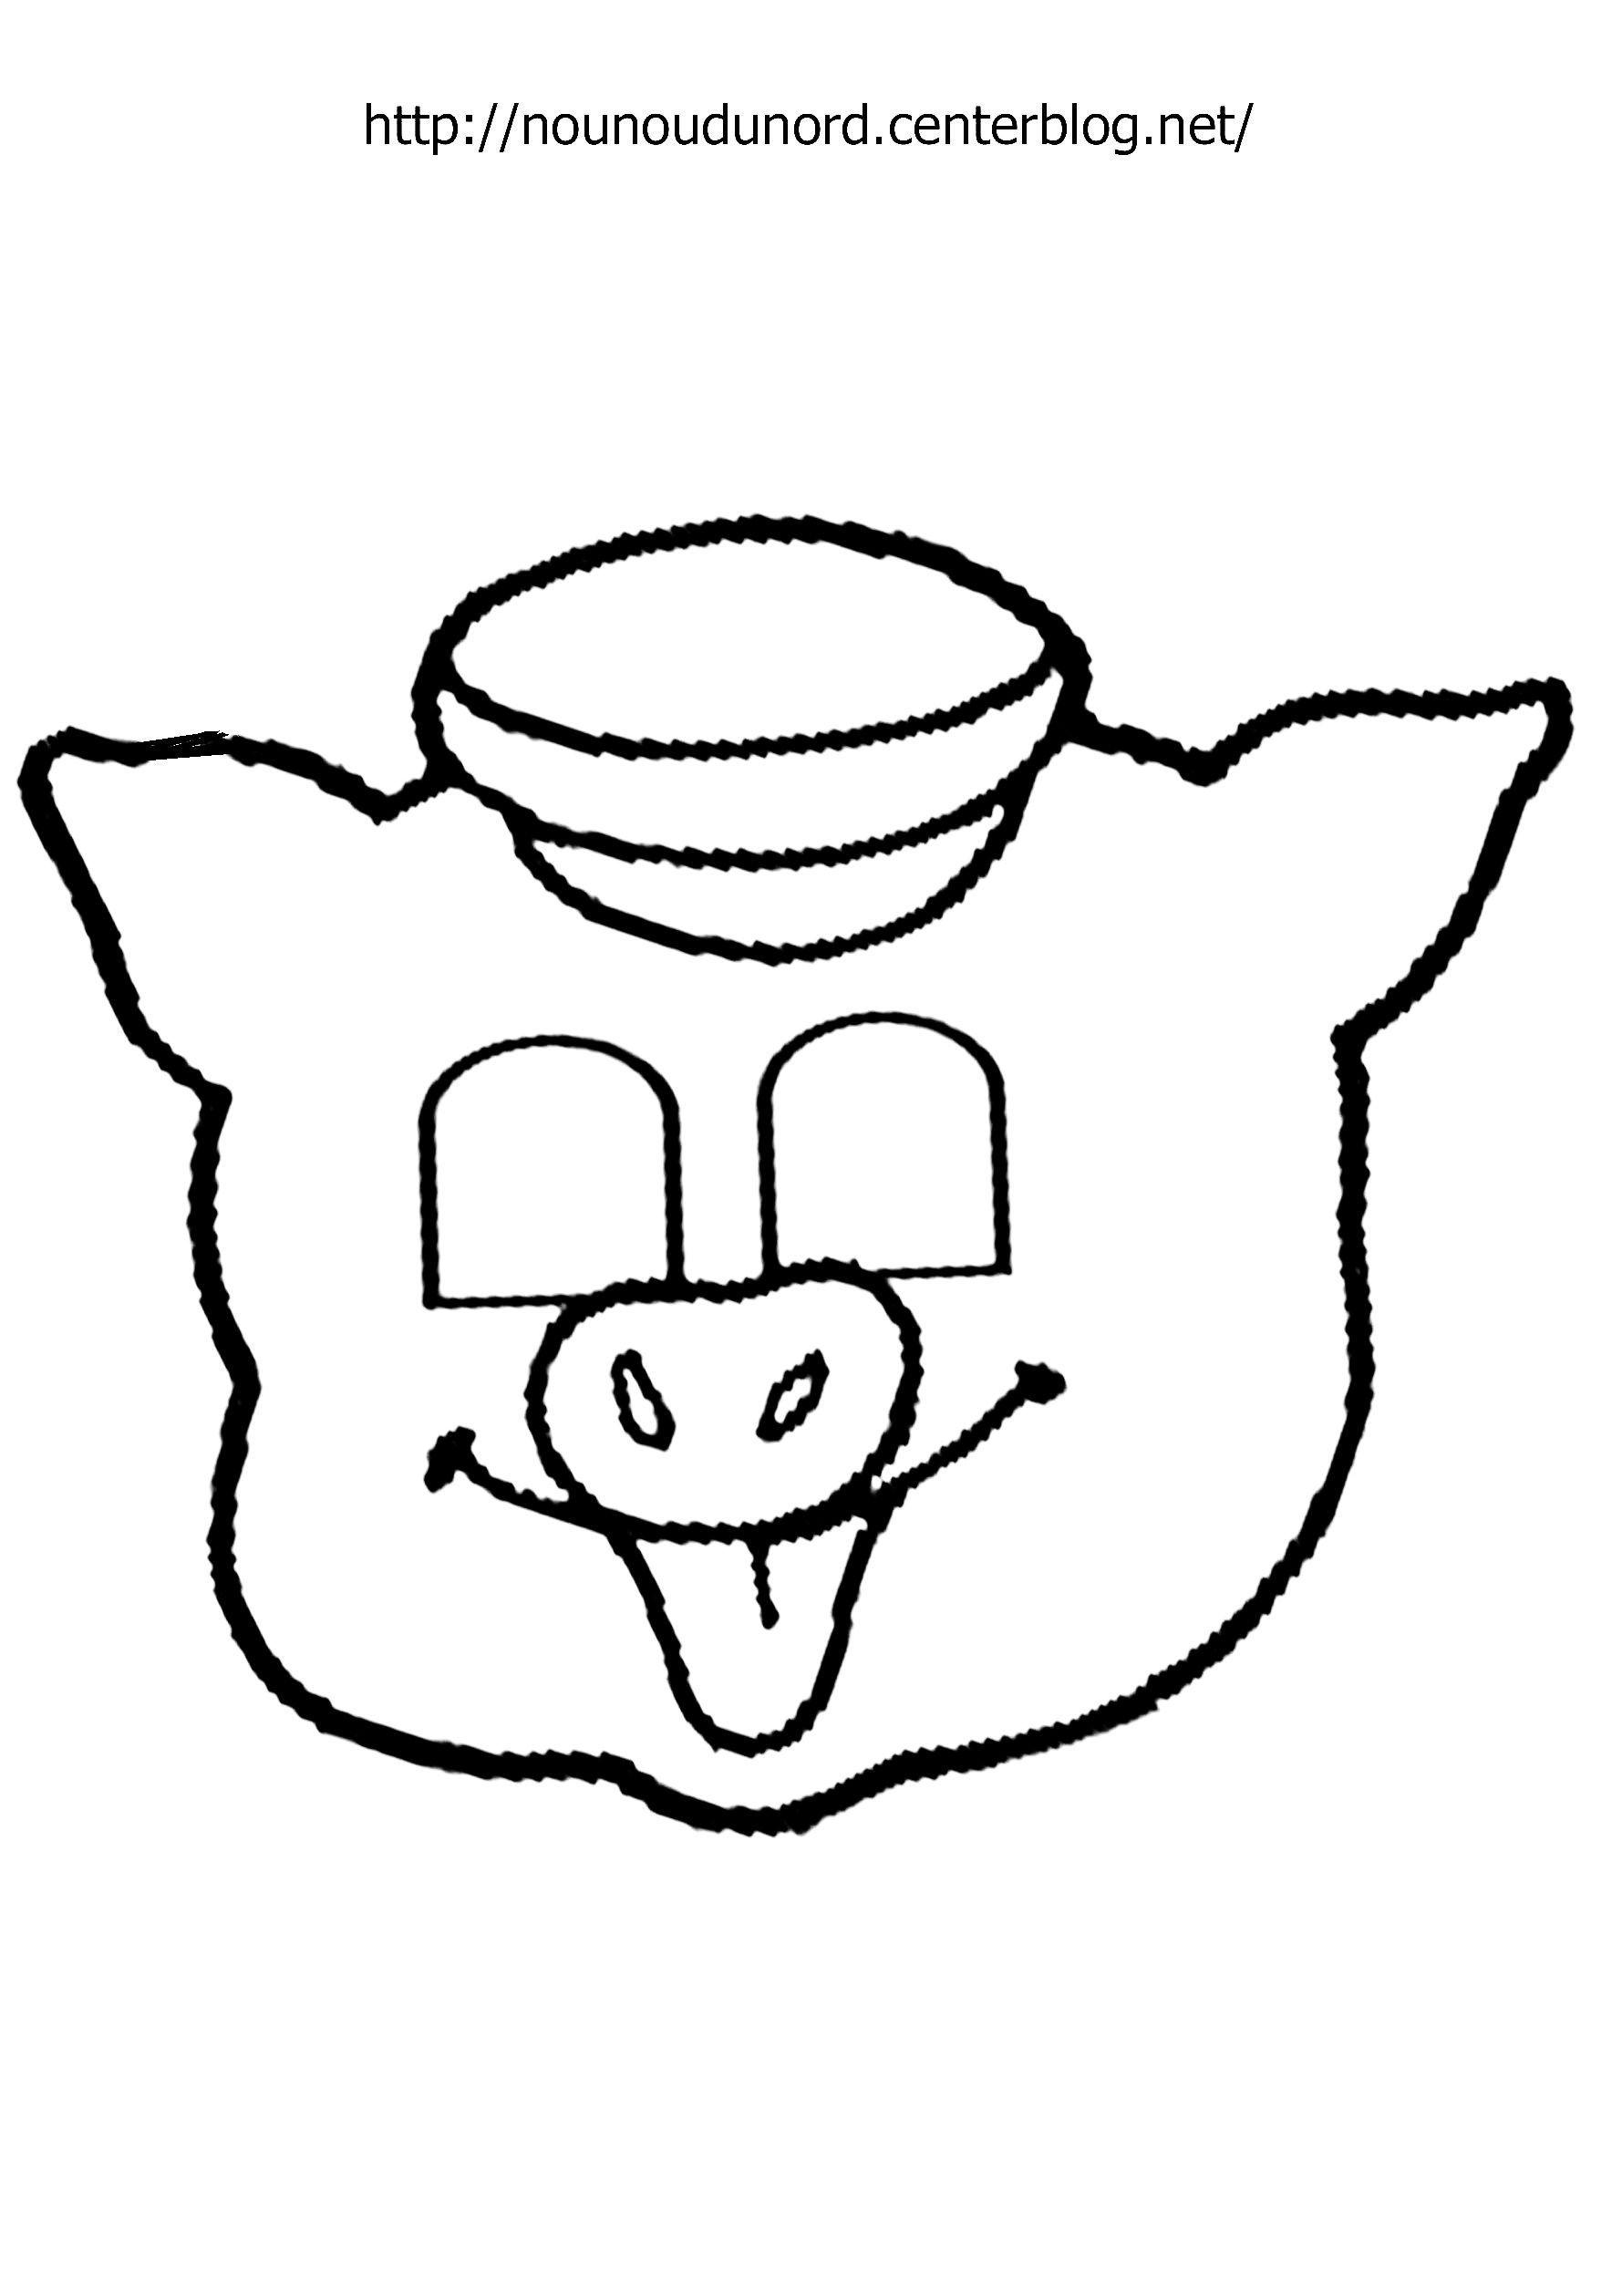 Luxe Image De Cochon A Colorier